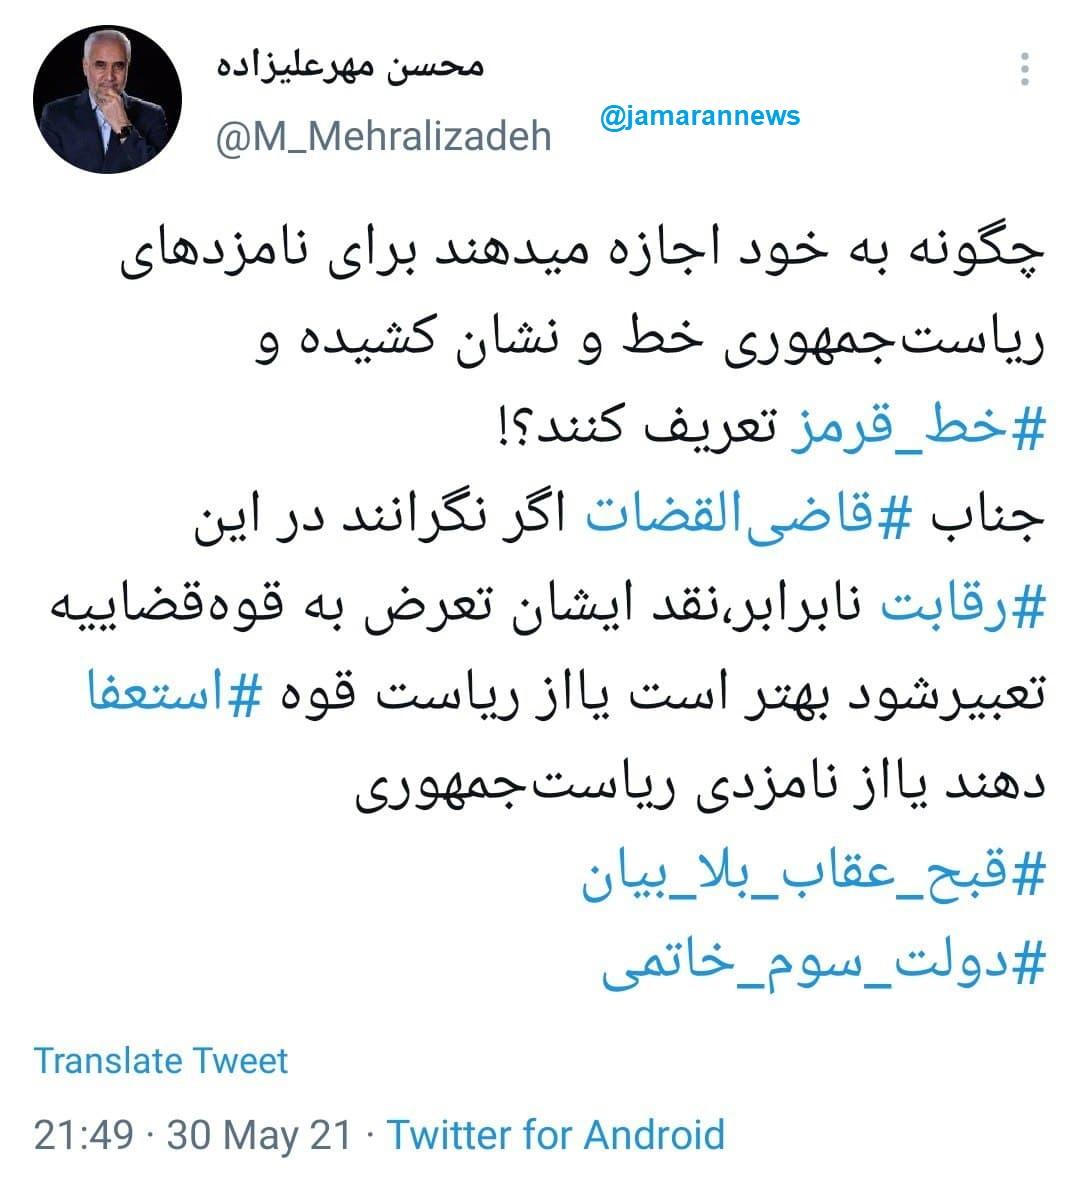 واکنش تند مهرعلیزاده به رئیسی : استعفا دهید یا از ریاست قوه یا انتخابات